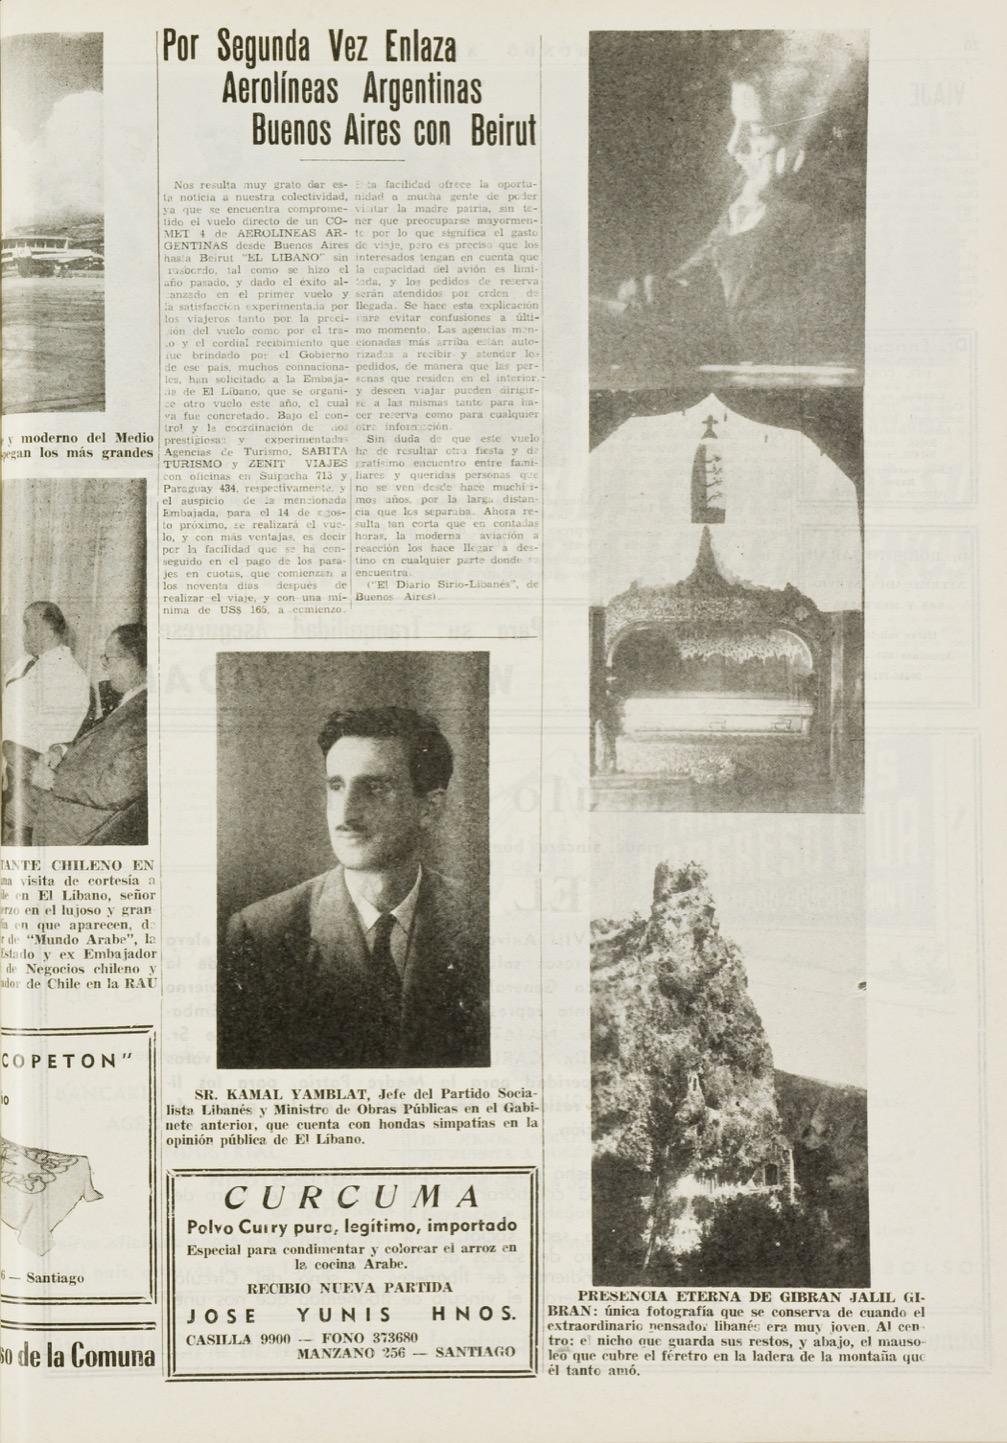 """""""Gibran Jalil Gibran: Nicho de los restos del pensador Libanés"""", Mundo Árabe, Nov 30, 1961, p. 19."""